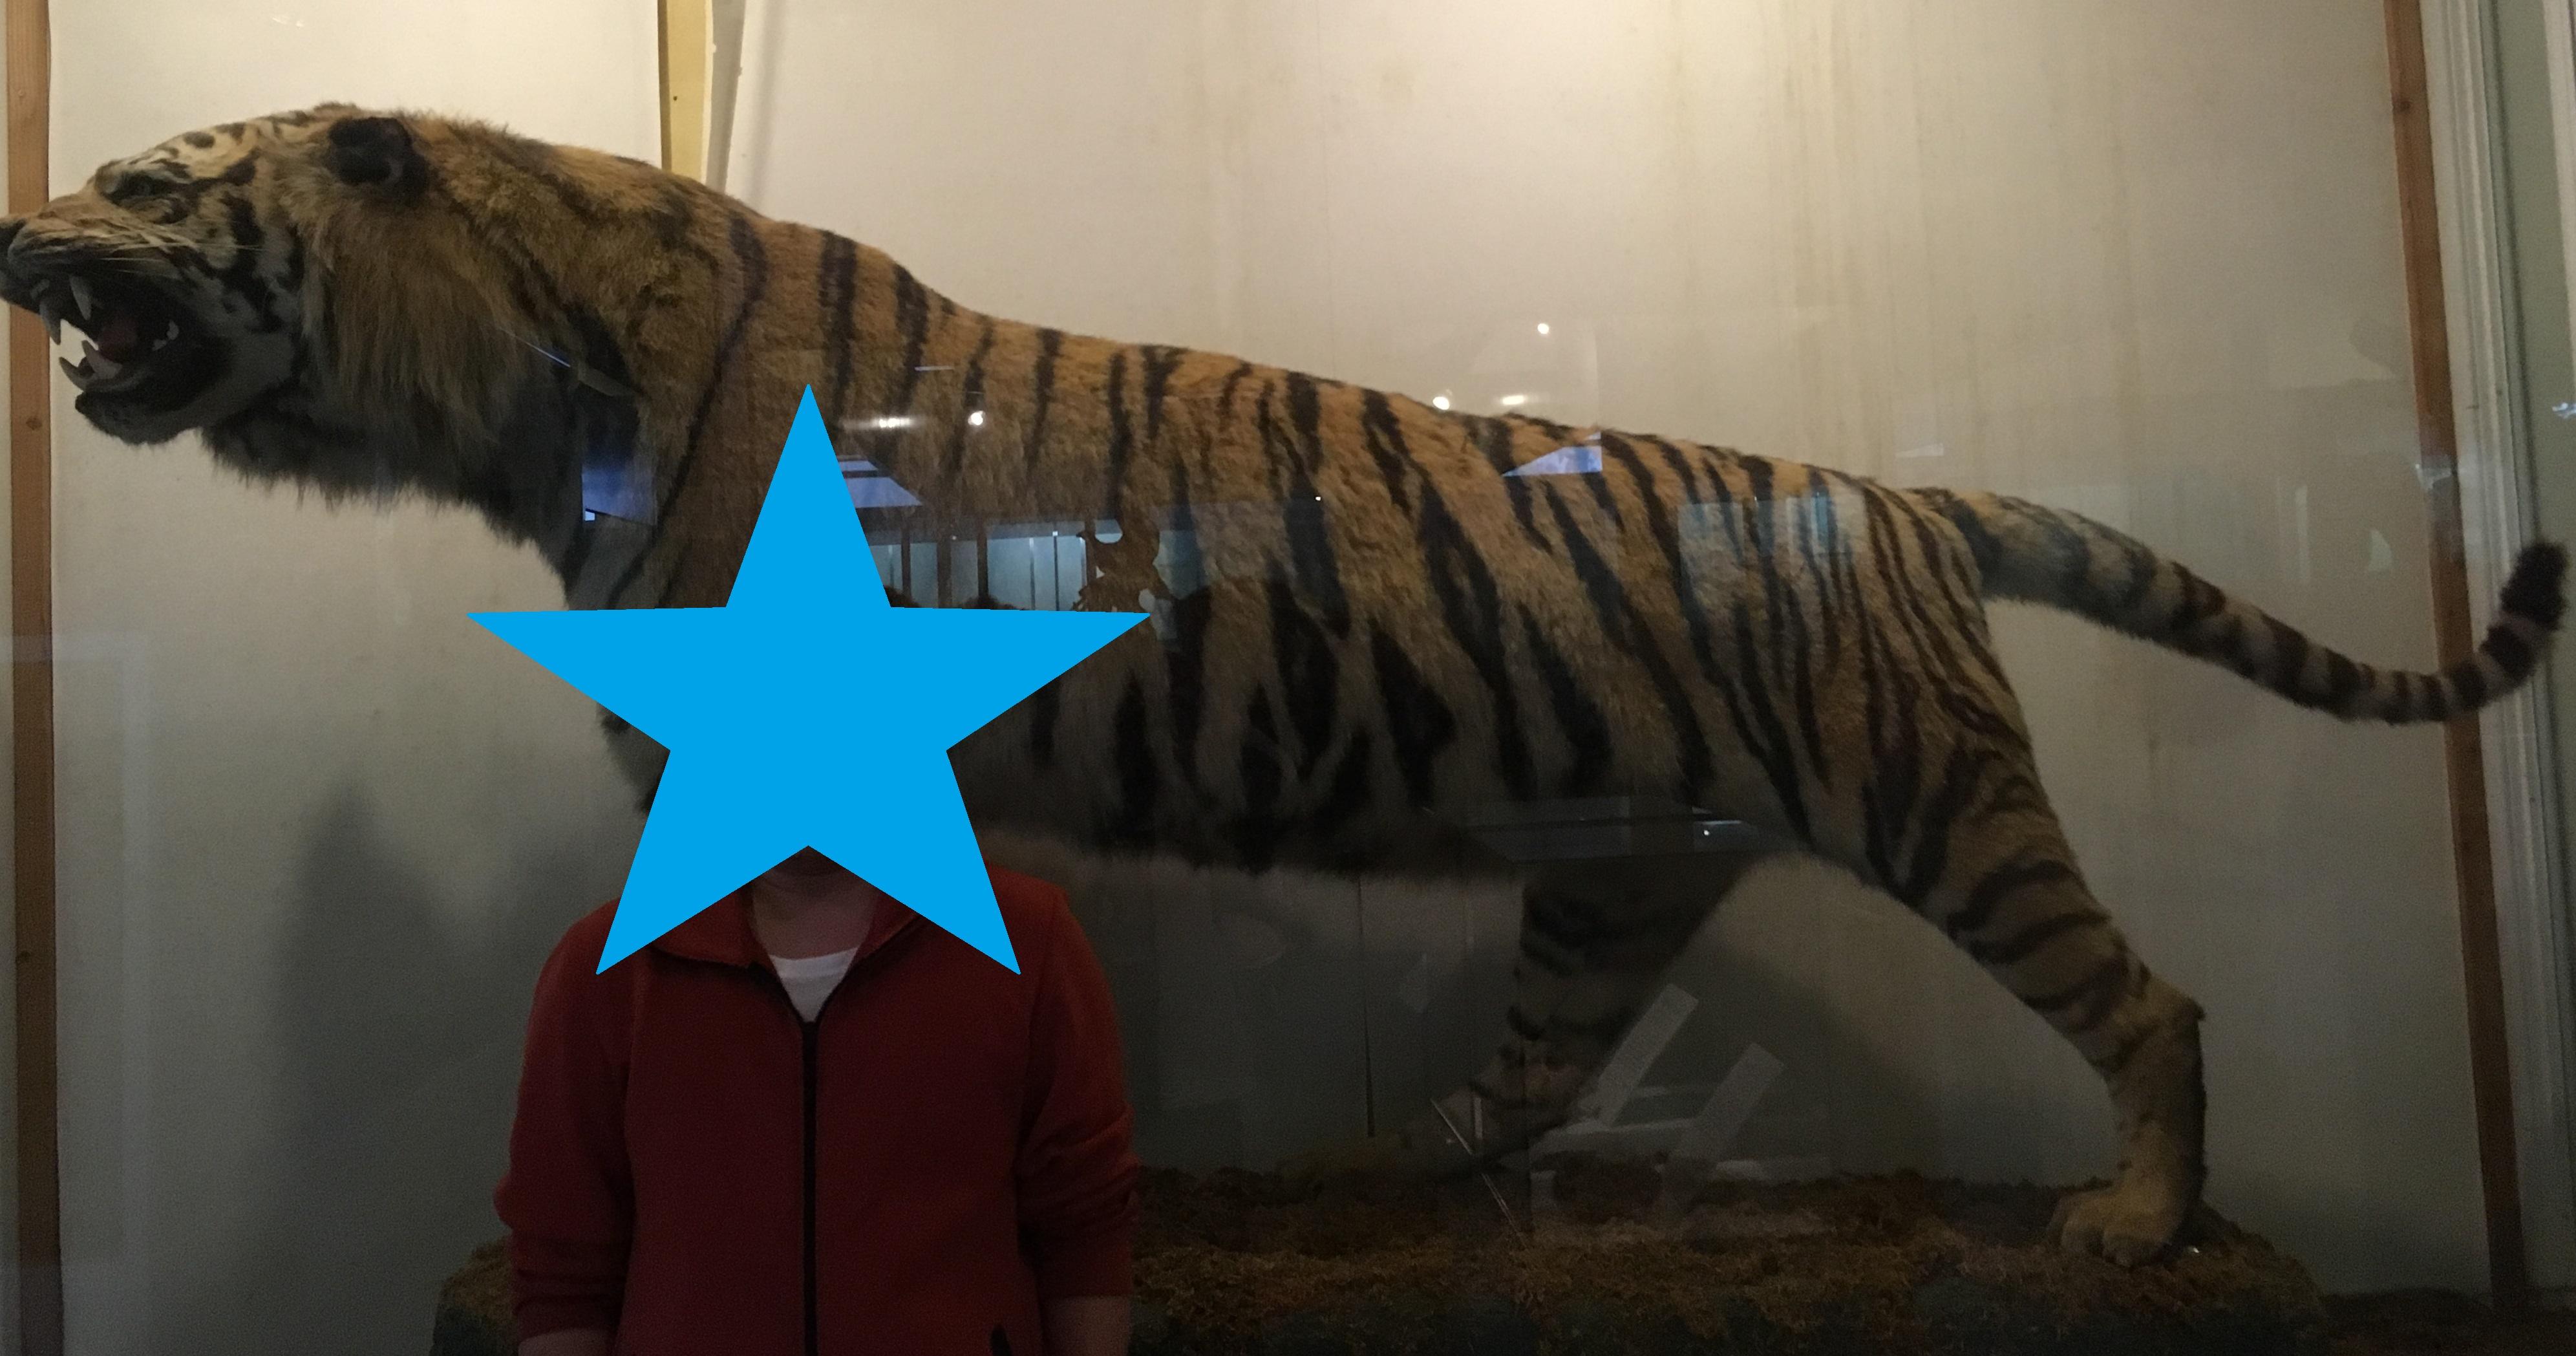 静岡の穴場ねこの博物館巨大な虎